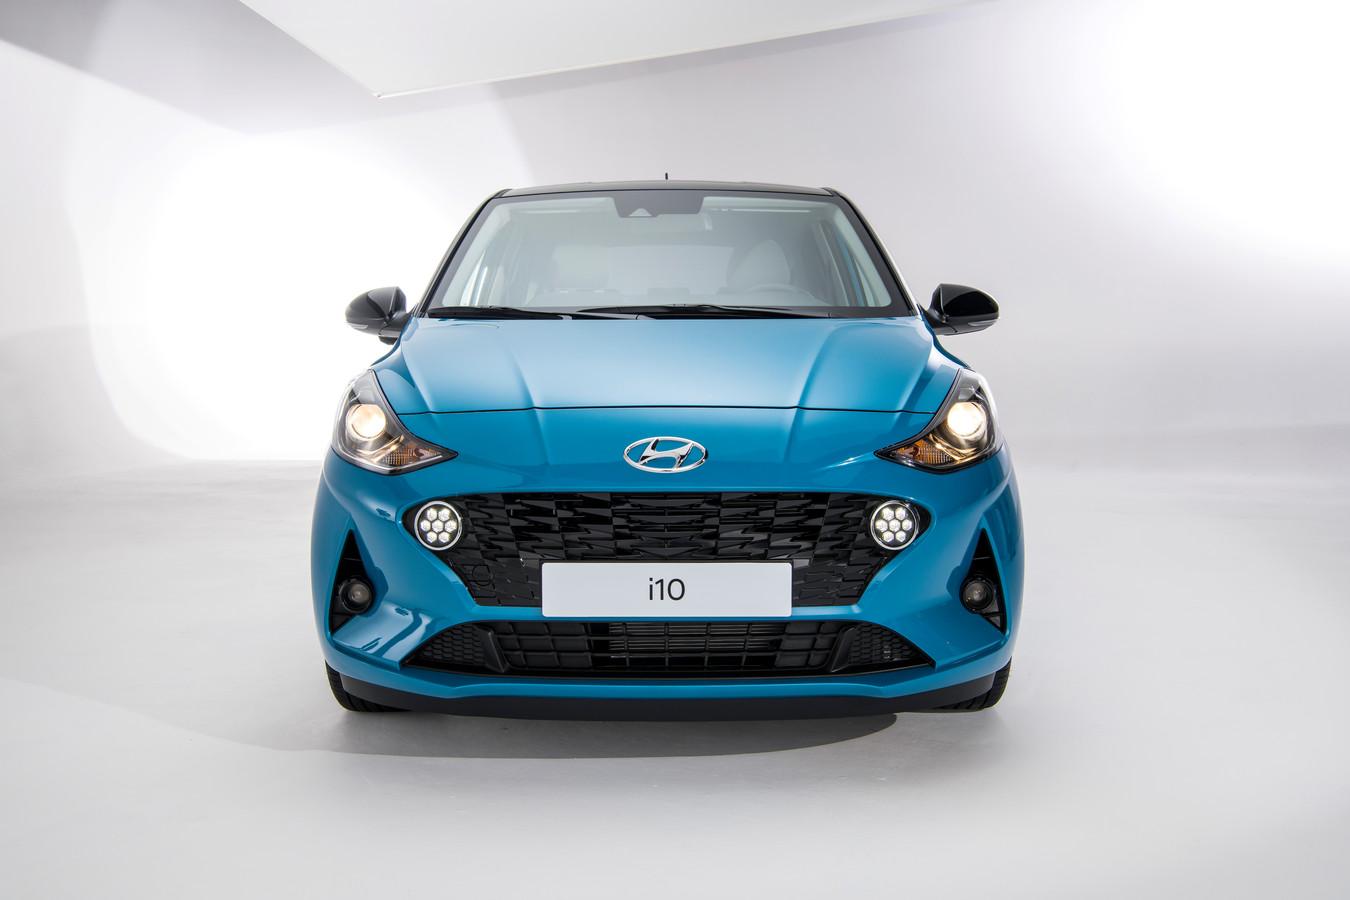 De nieuwe Hyundai i10